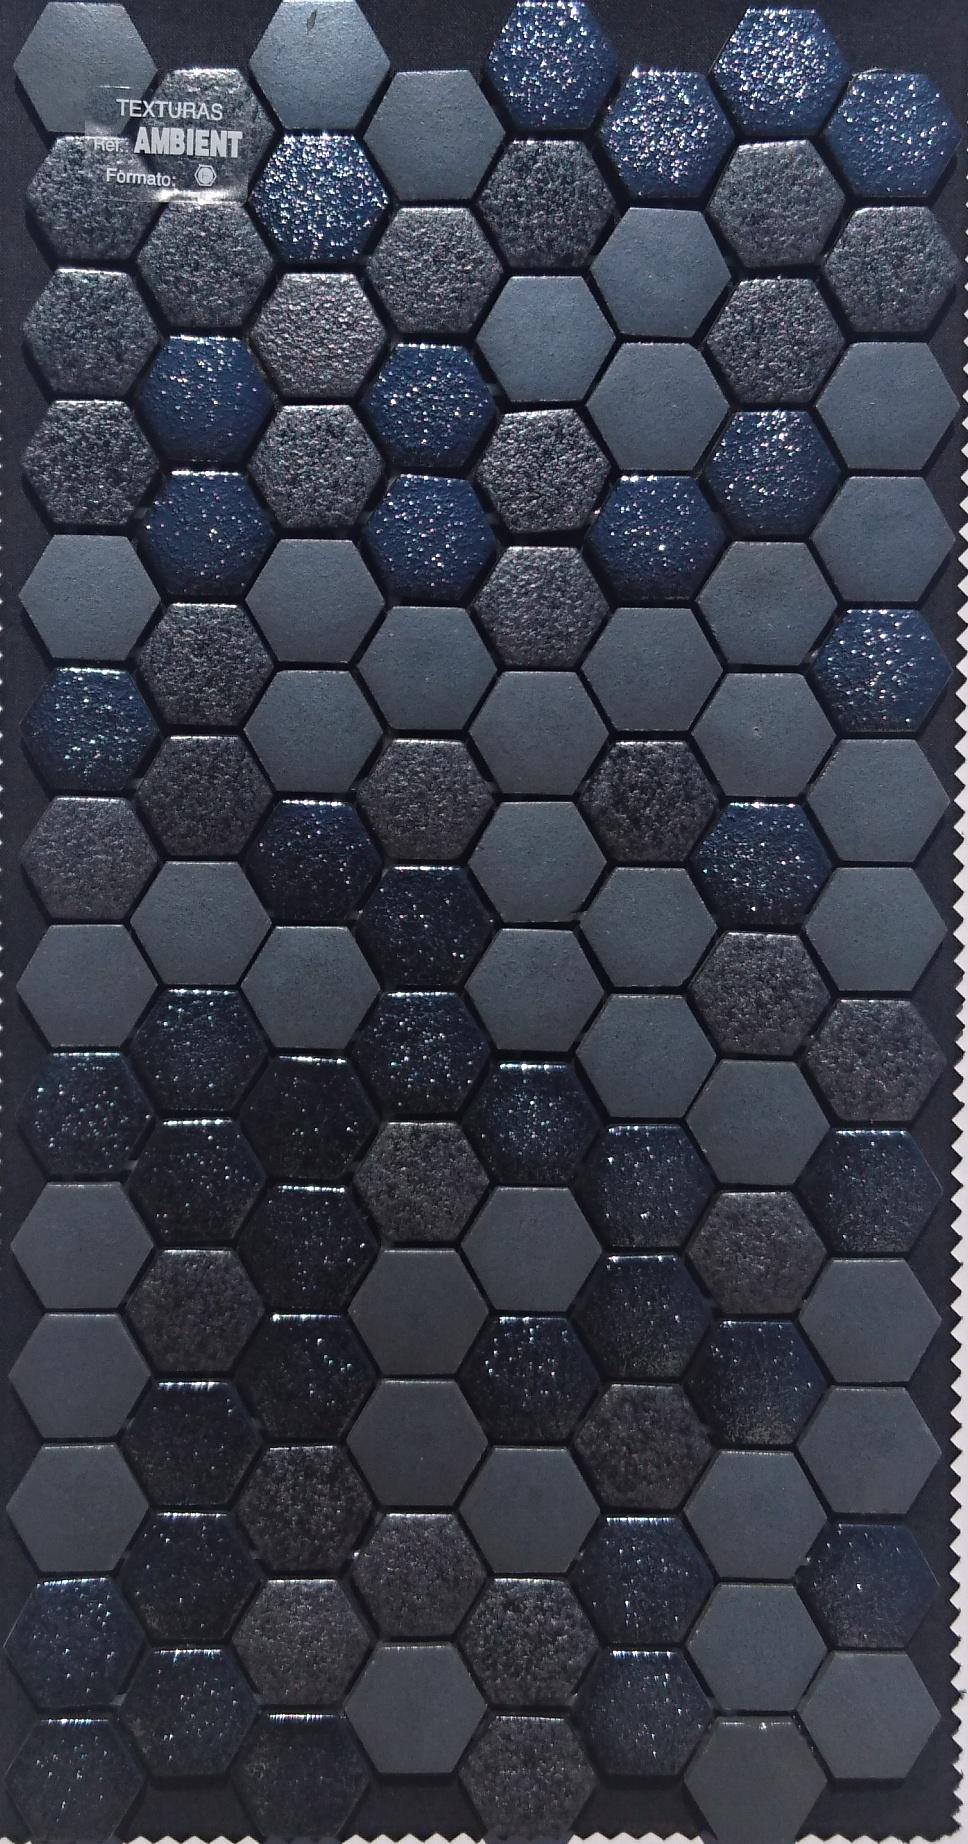 Mozaika TEXTURAS OKOLIA hexagonalna sivá, čierna